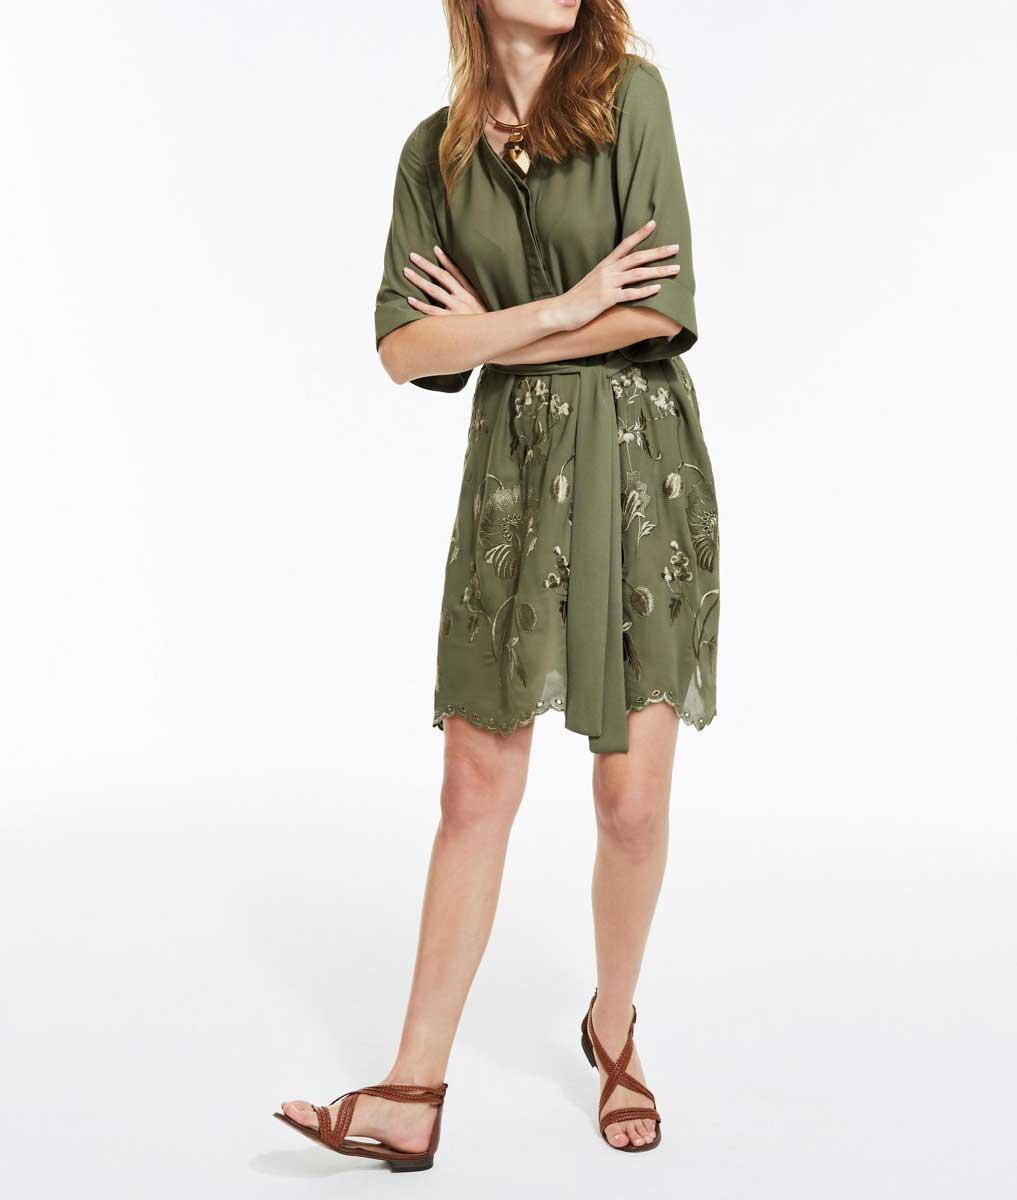 Kleid Mit Stickerei Oliv  Kleider  Outlet Modeshop